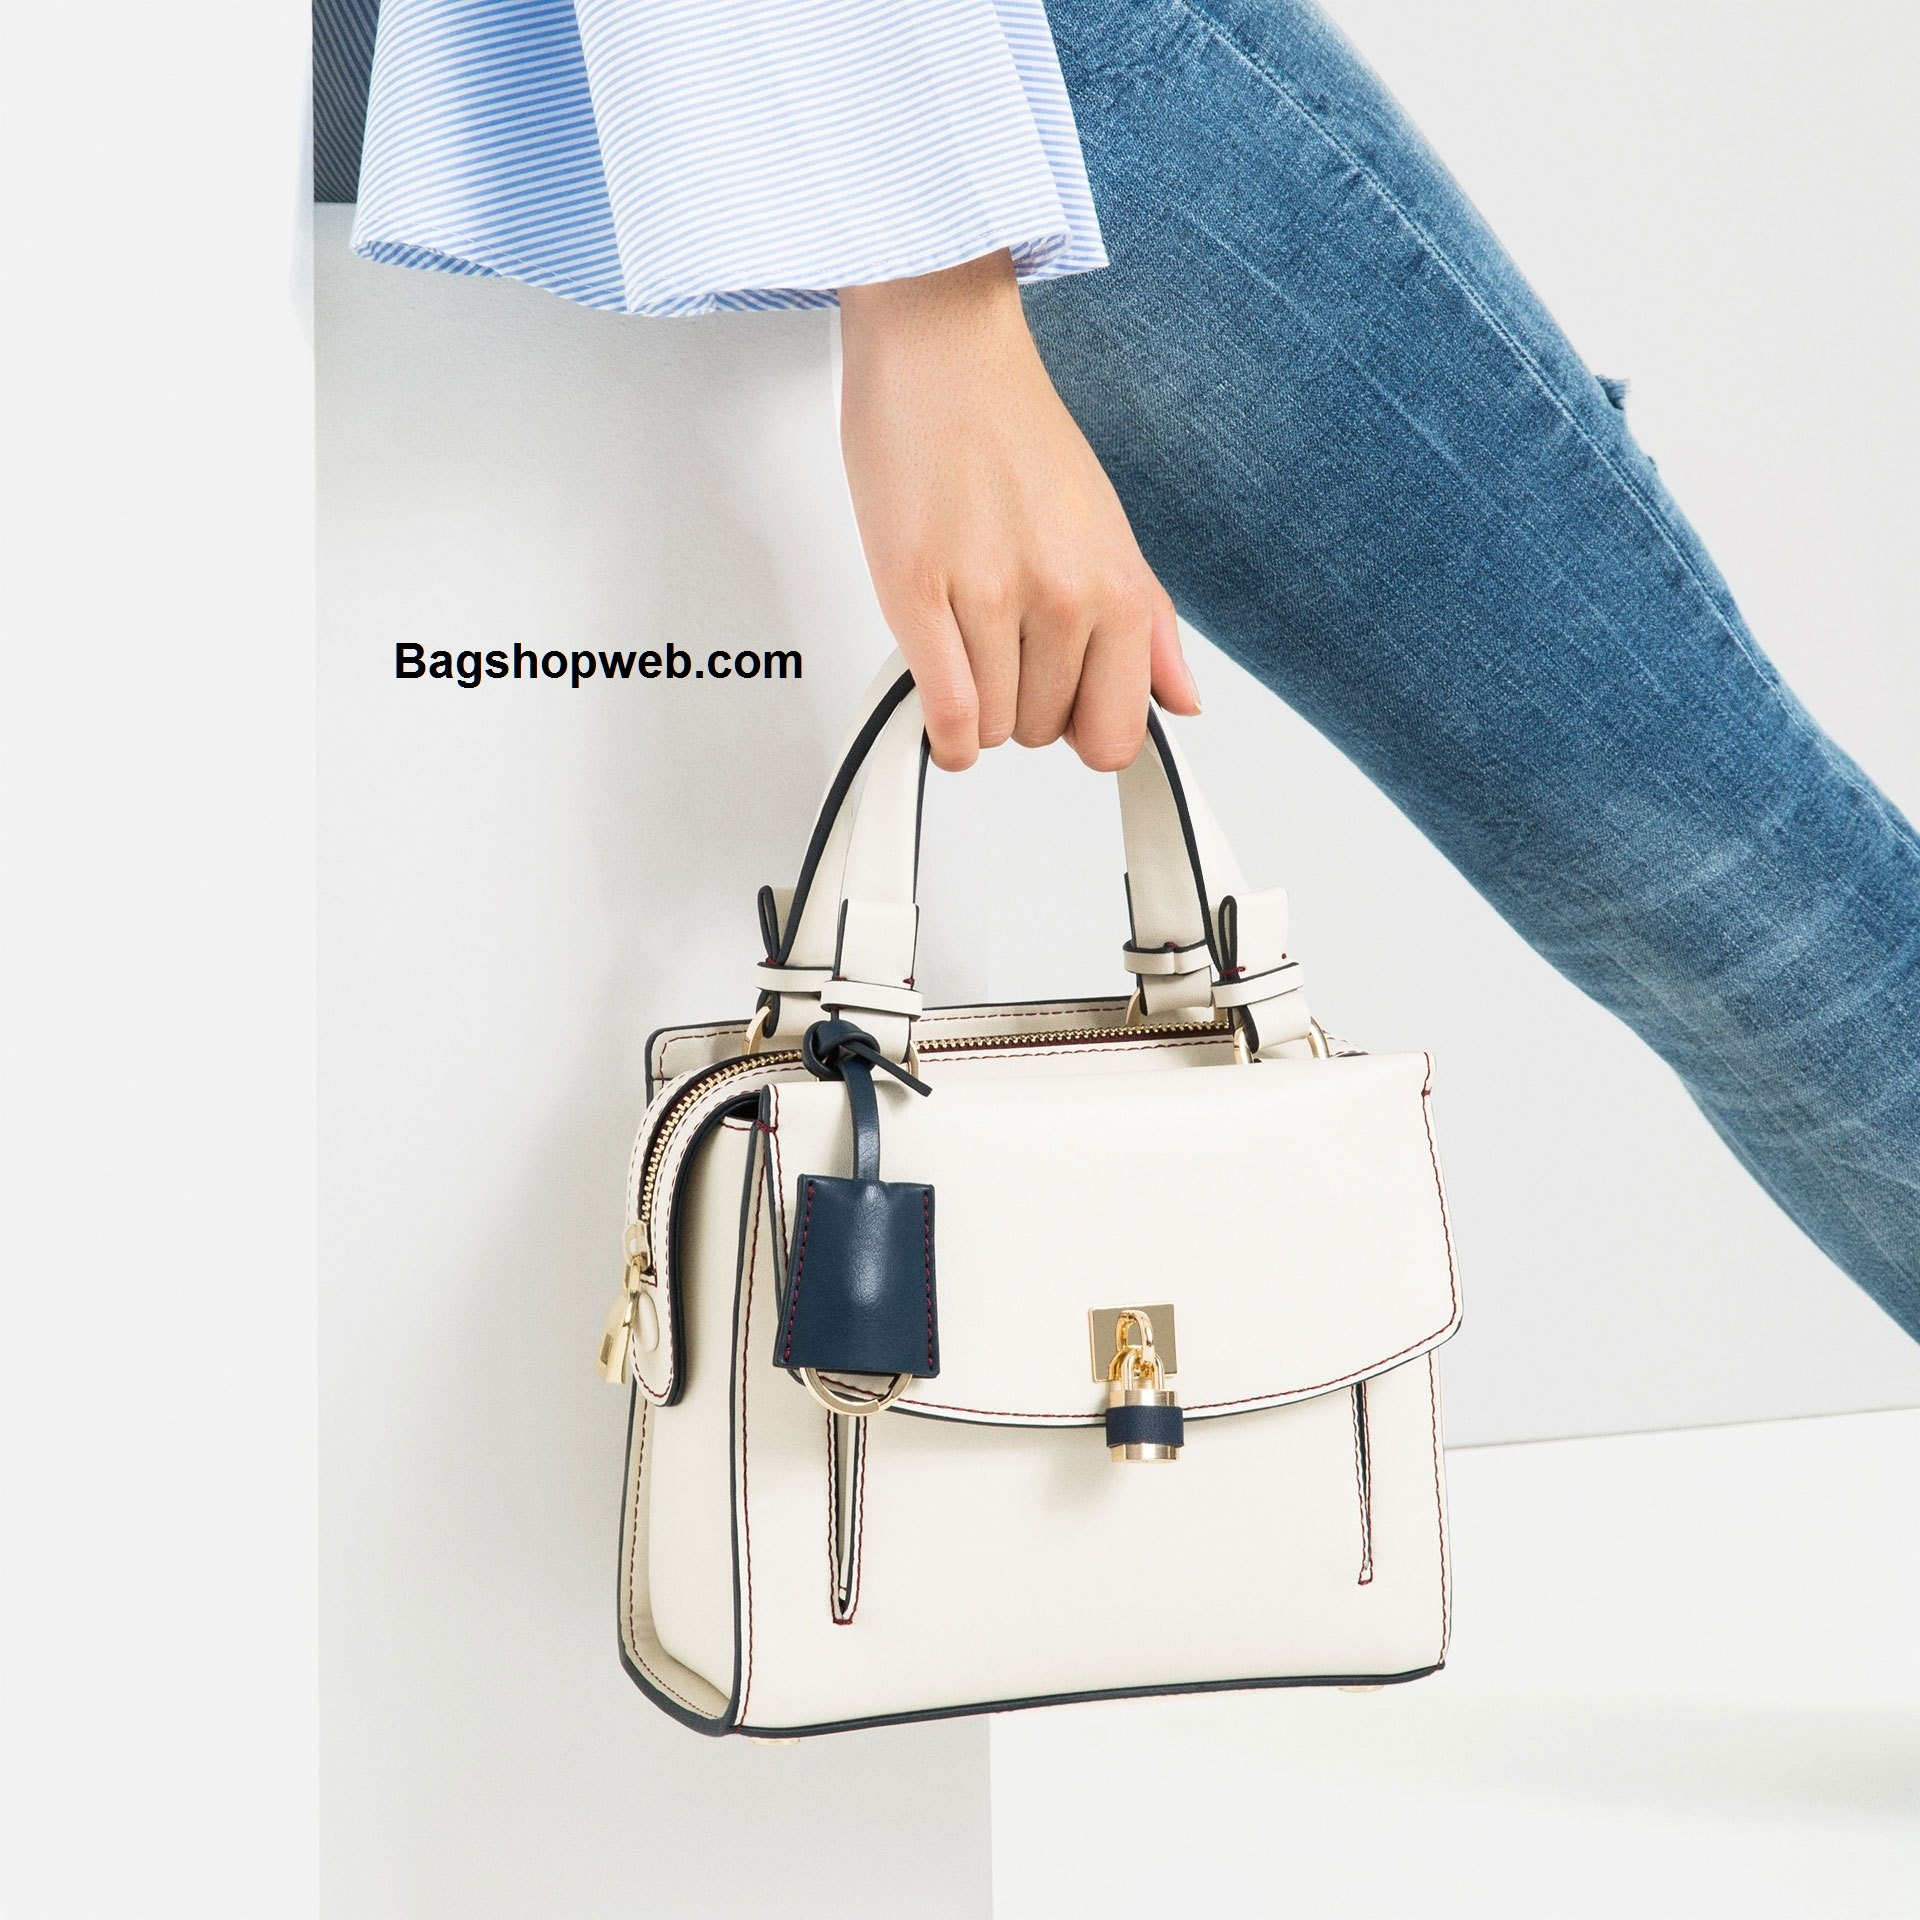 กระเป๋า ZARA MINI CITY BAG กระเป๋าถือ สีขาว พร้อมส่ง ชนชอปอเมริกา